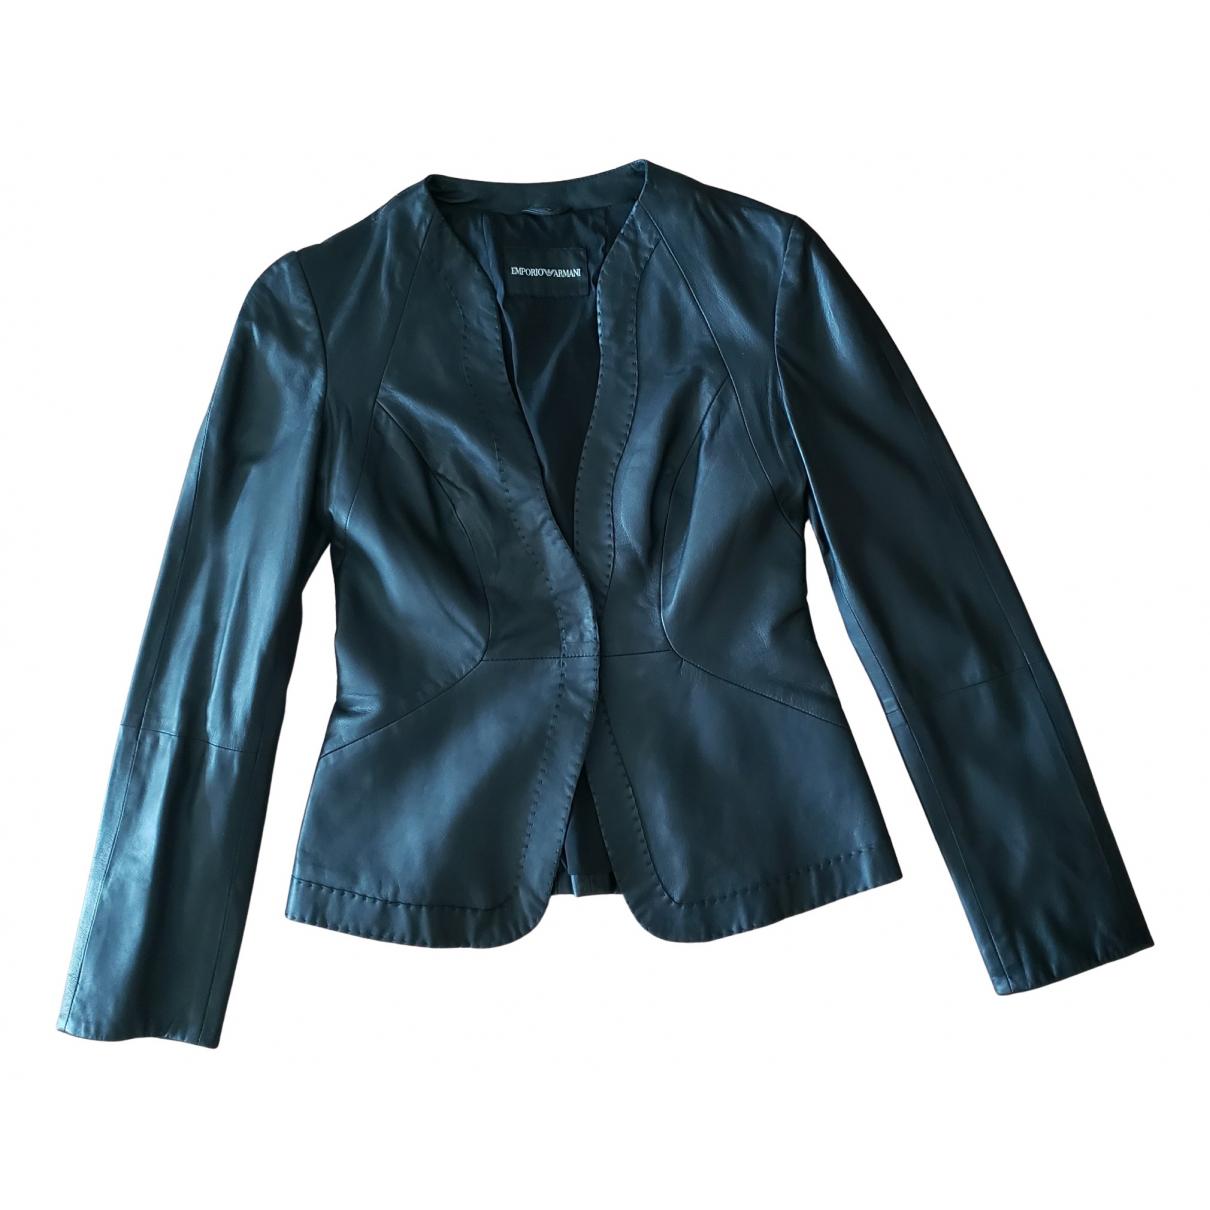 Emporio Armani - Blouson   pour femme en cuir - noir